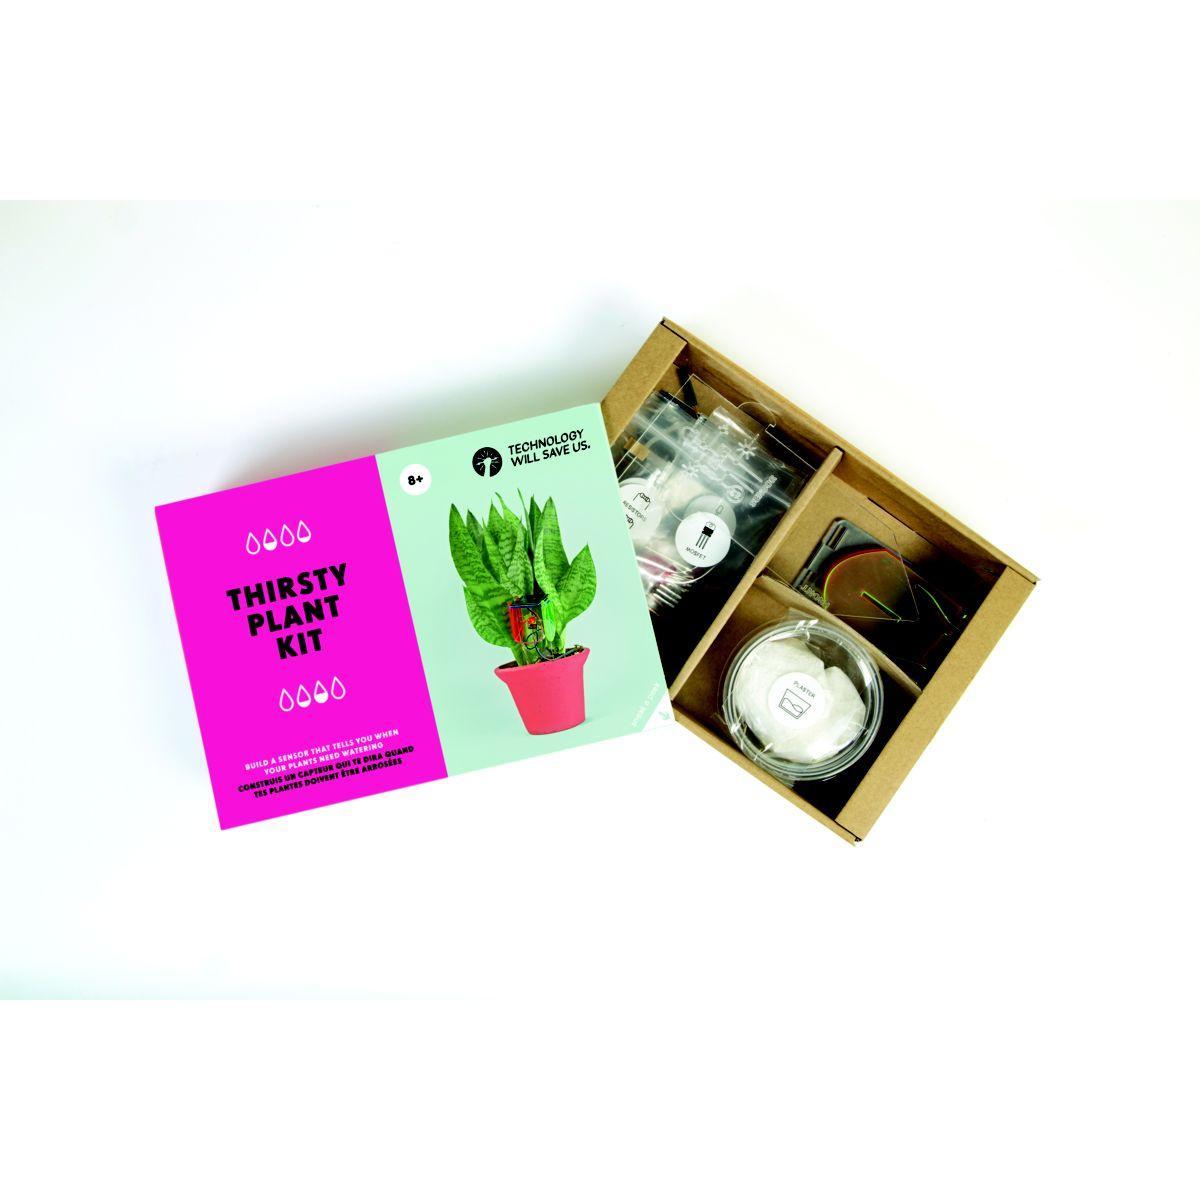 Jeu . thirsty plant kit - 5% de remise immédiate avec le code : cool5 (photo)